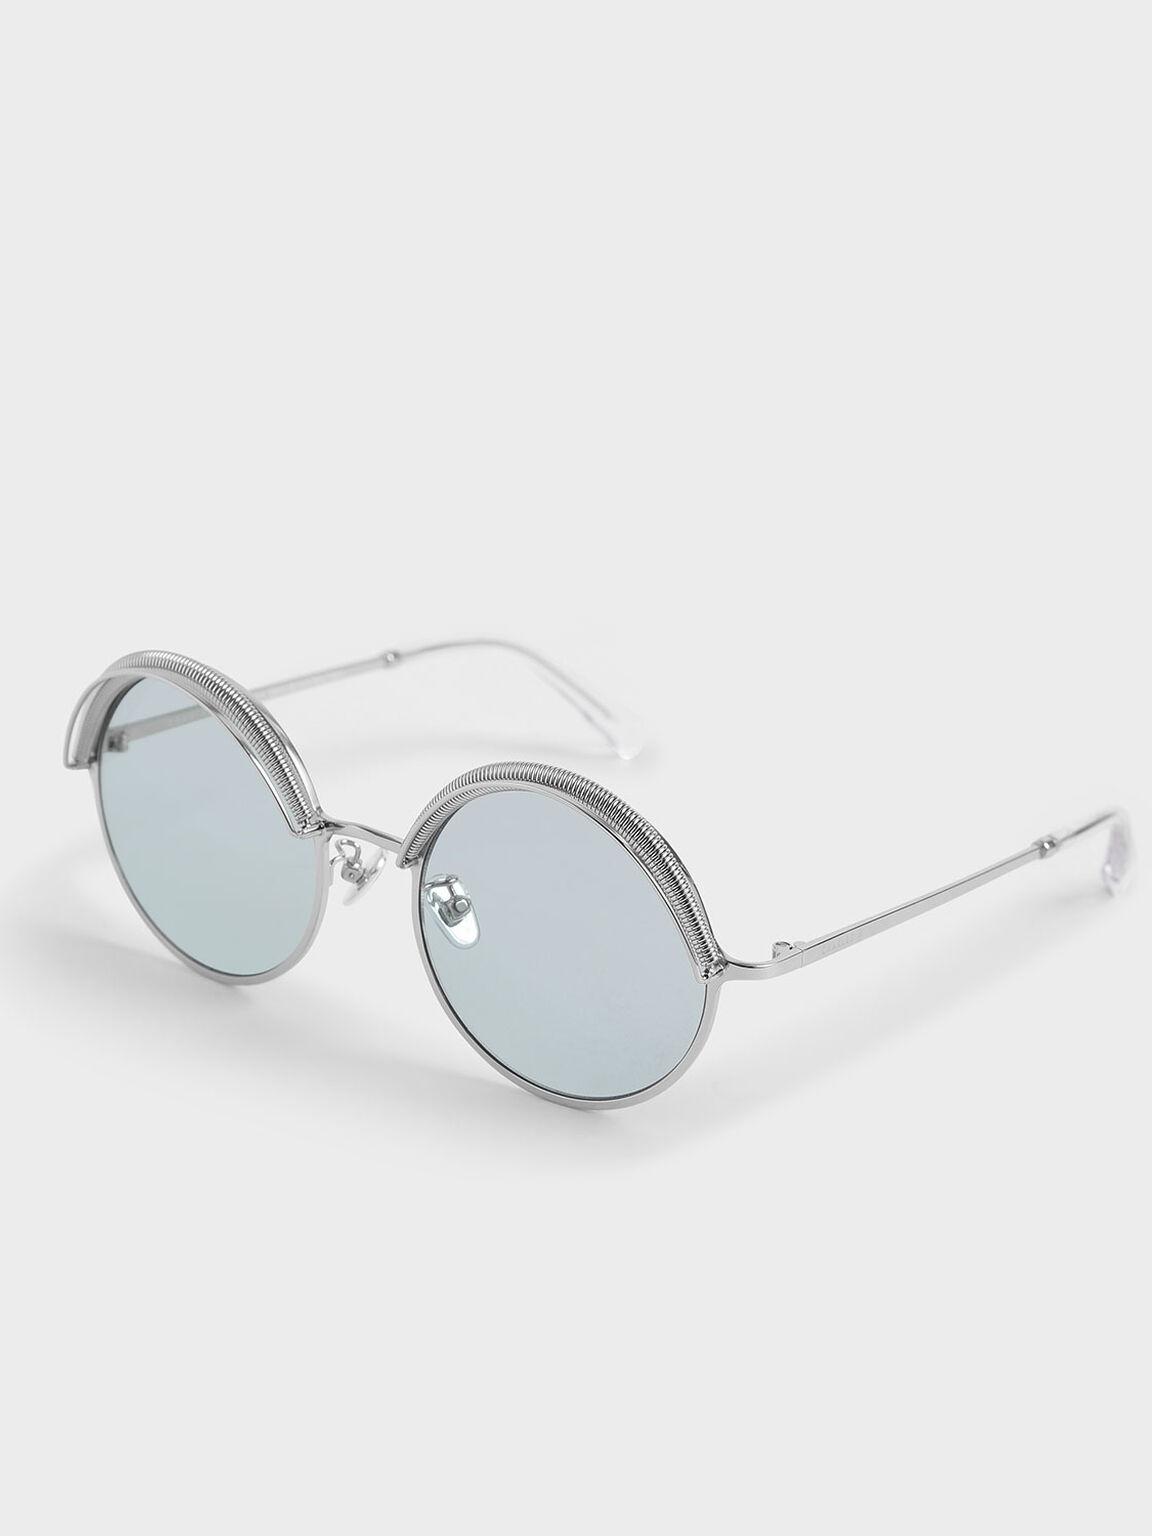 半框圓型墨鏡, 藍色, hi-res